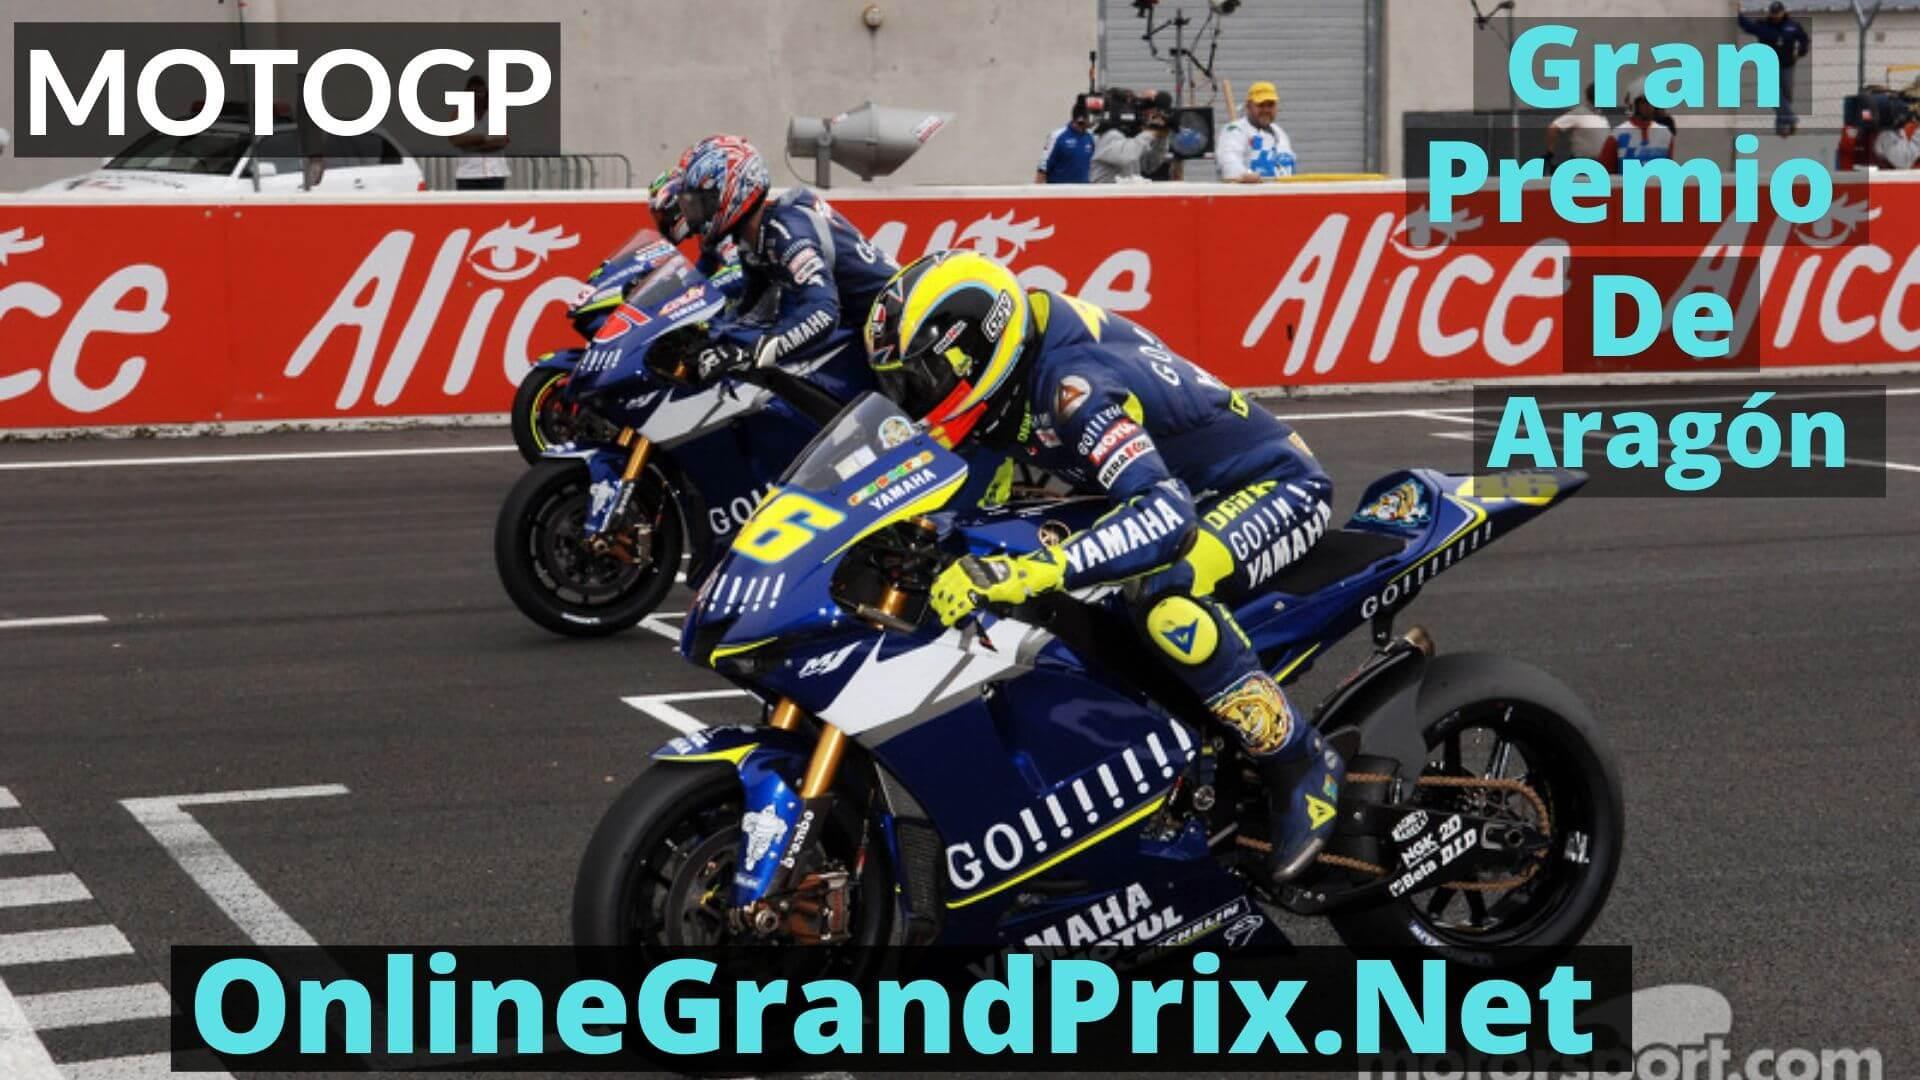 Gran Premio de Aragon Live Stream 2020 | MotoGP